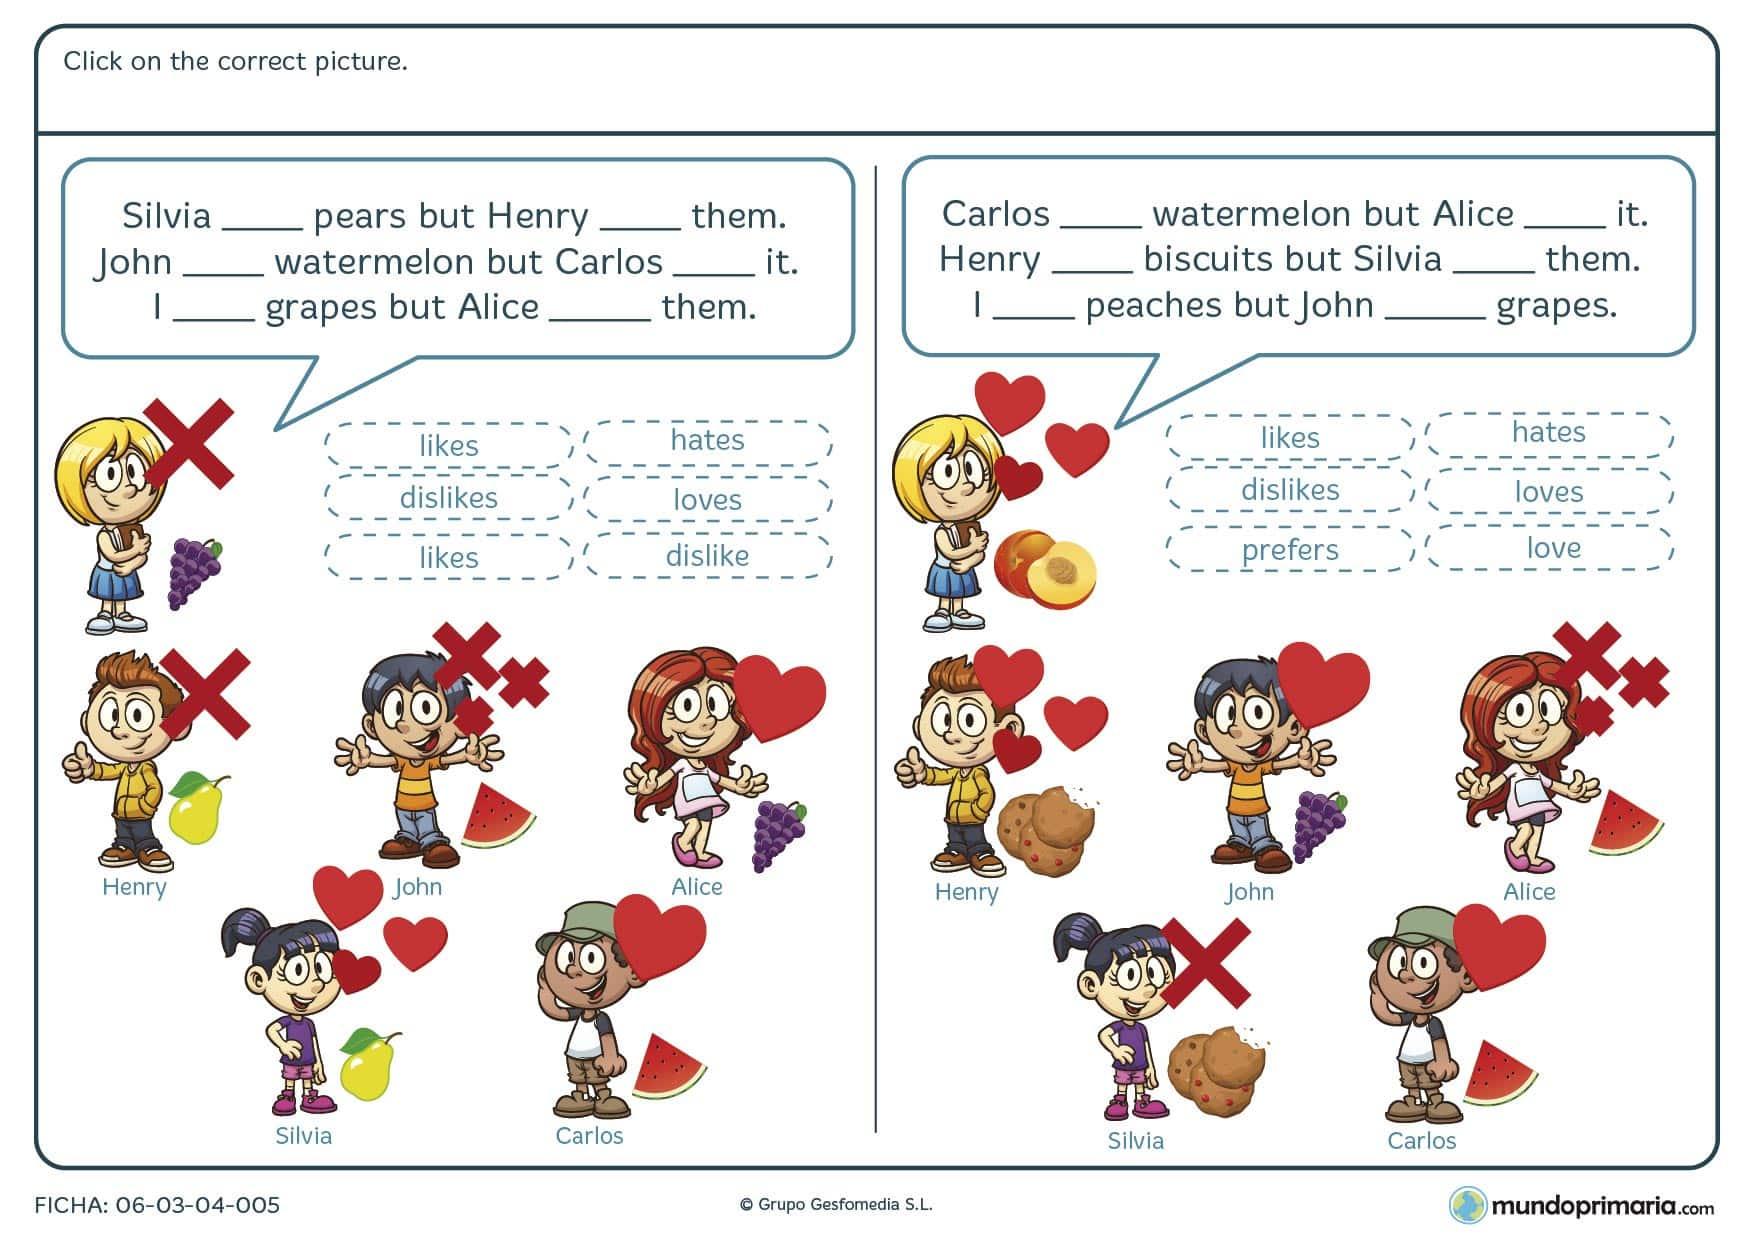 Ficha de identificar la forma verbal en inglés de las situaciones que se disponen en los dibujos para niños de 4º de primaria.